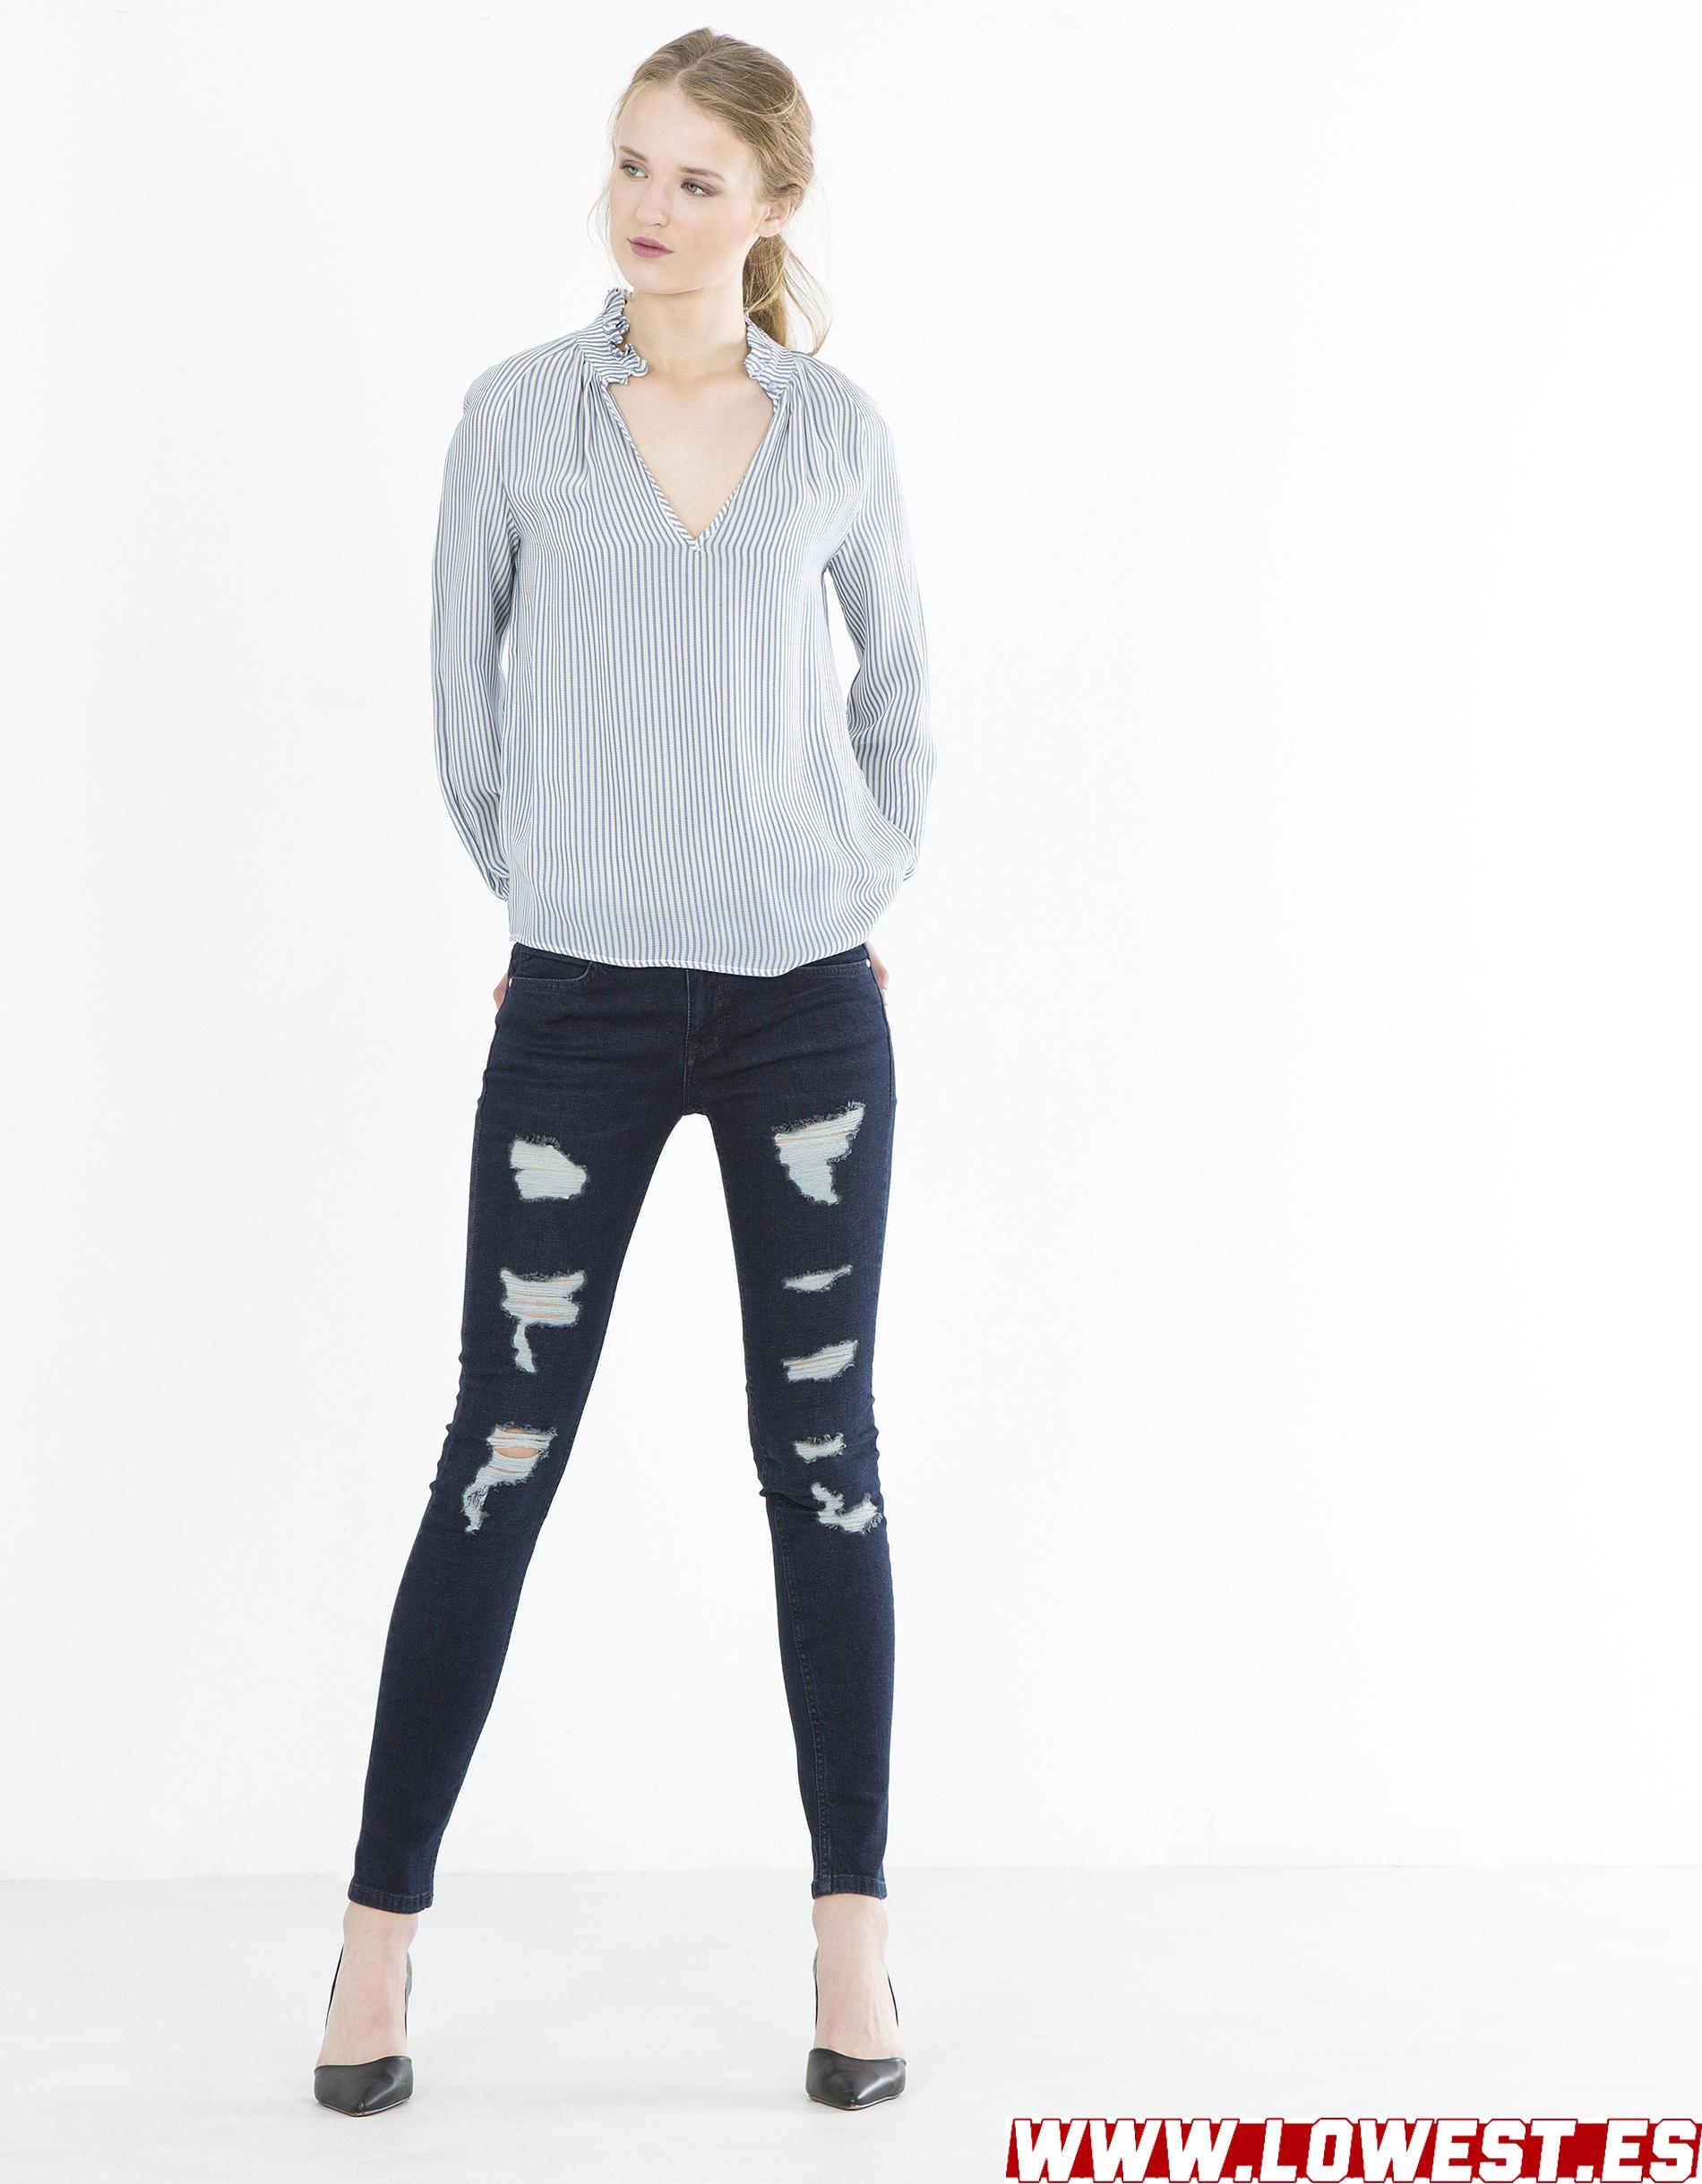 moda joven mujer short levis 501 vintage 2019 2020